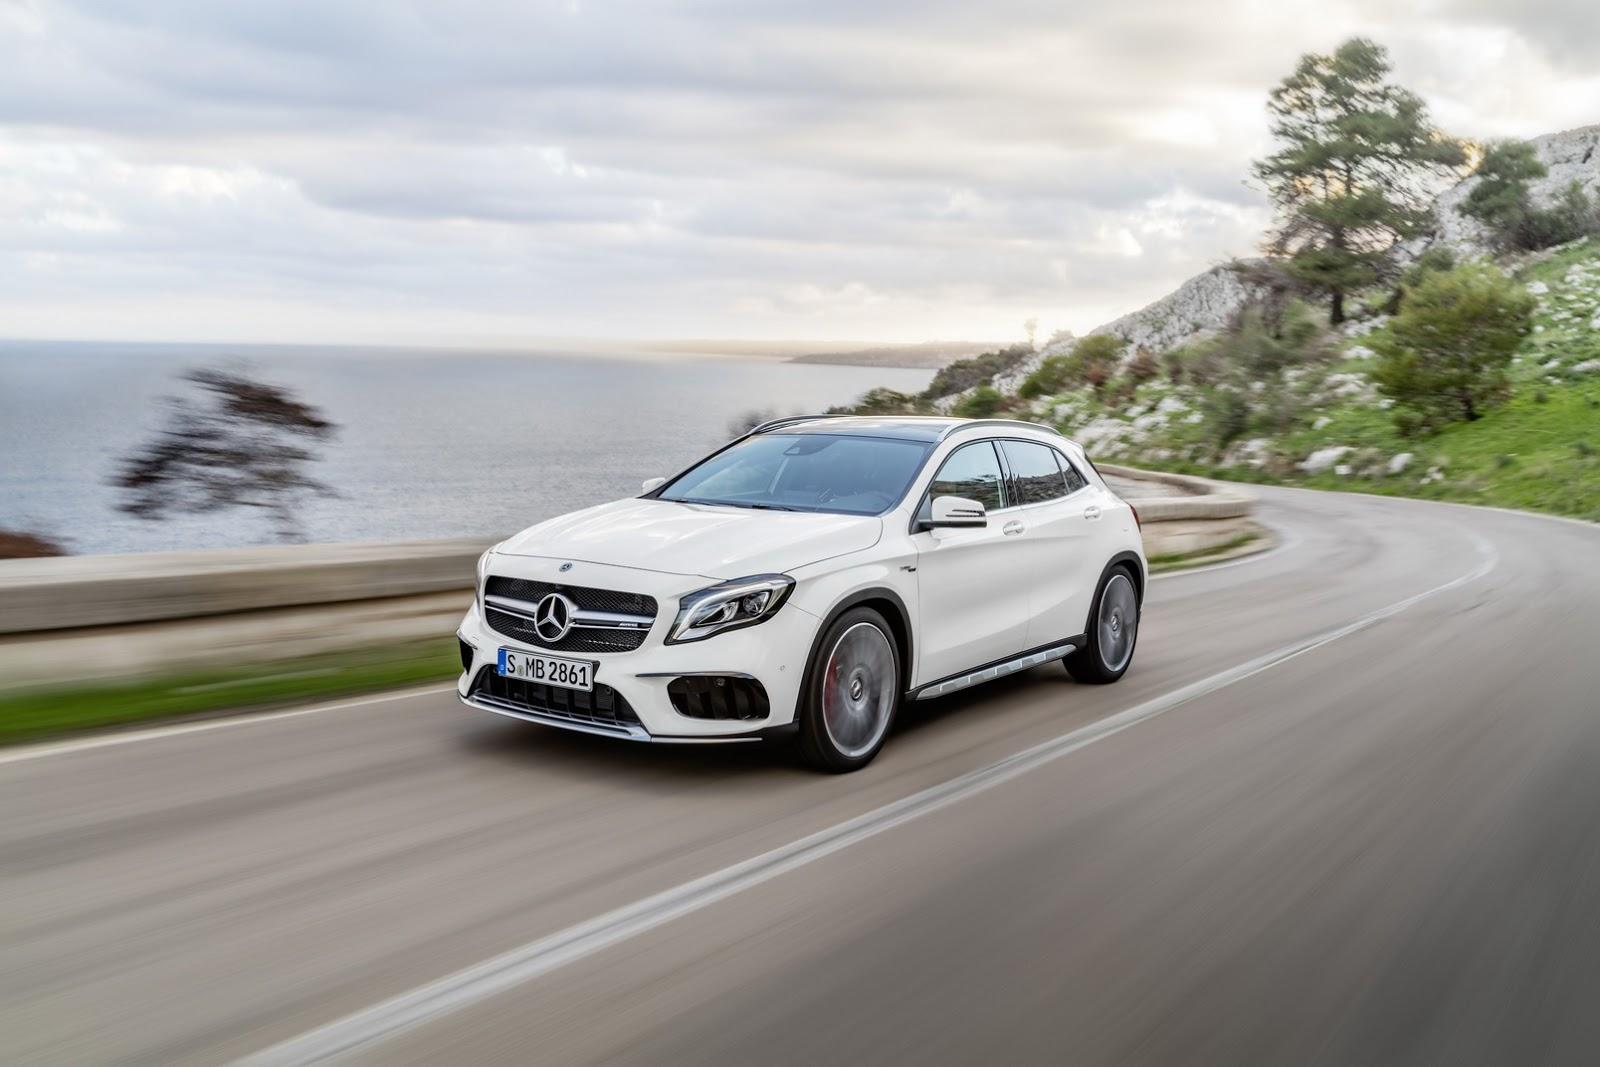 Mercedes GLA facelift and GLA 45 AMG facelift 2017 (8)